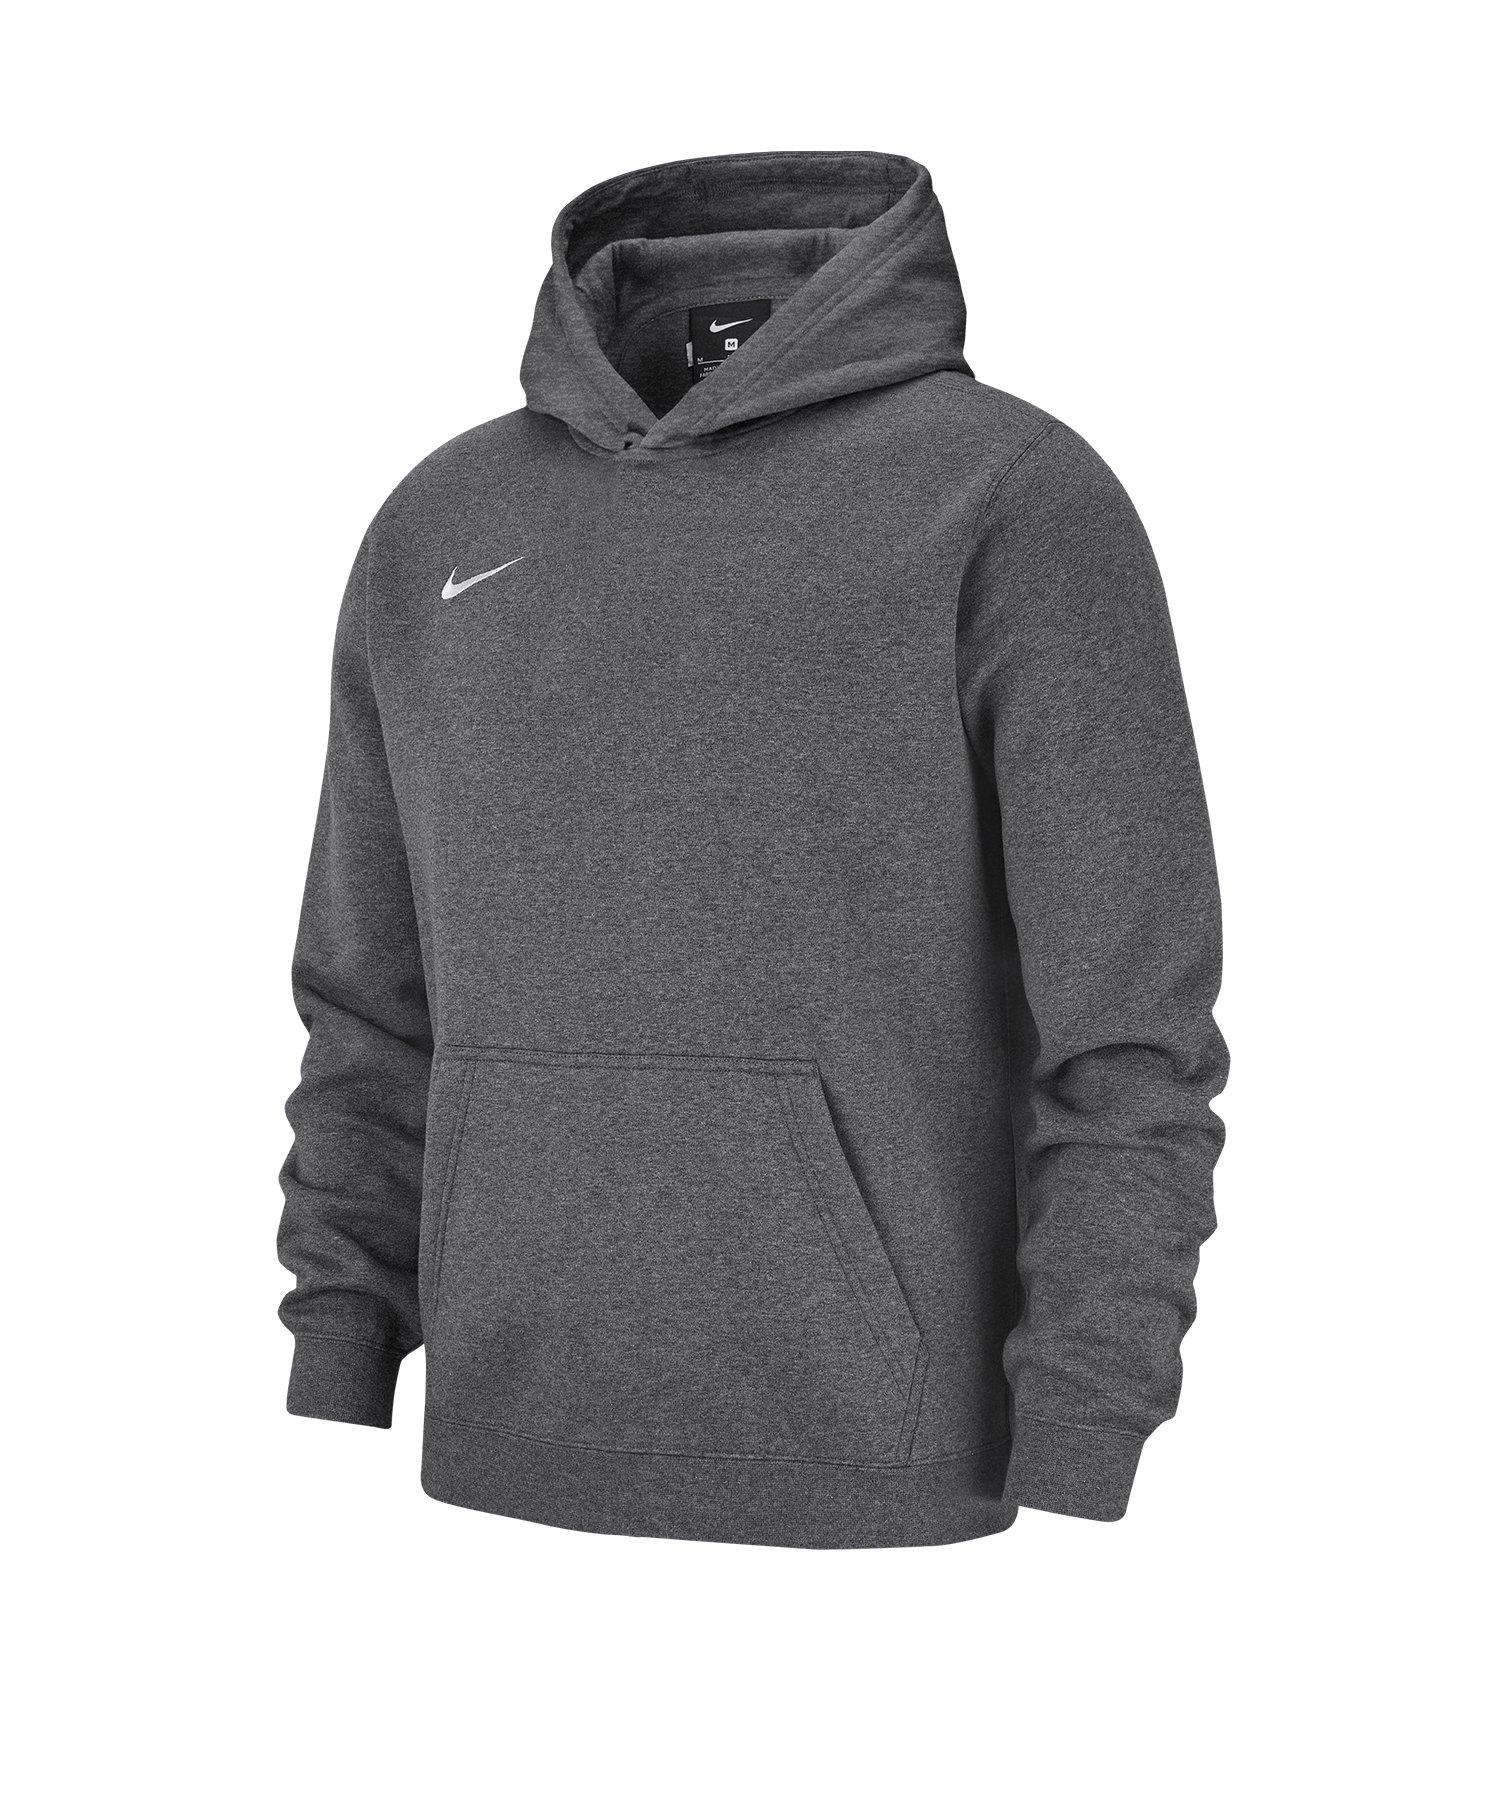 Nike Club 19 Fleece Hoody Kids Grau F071 - grau